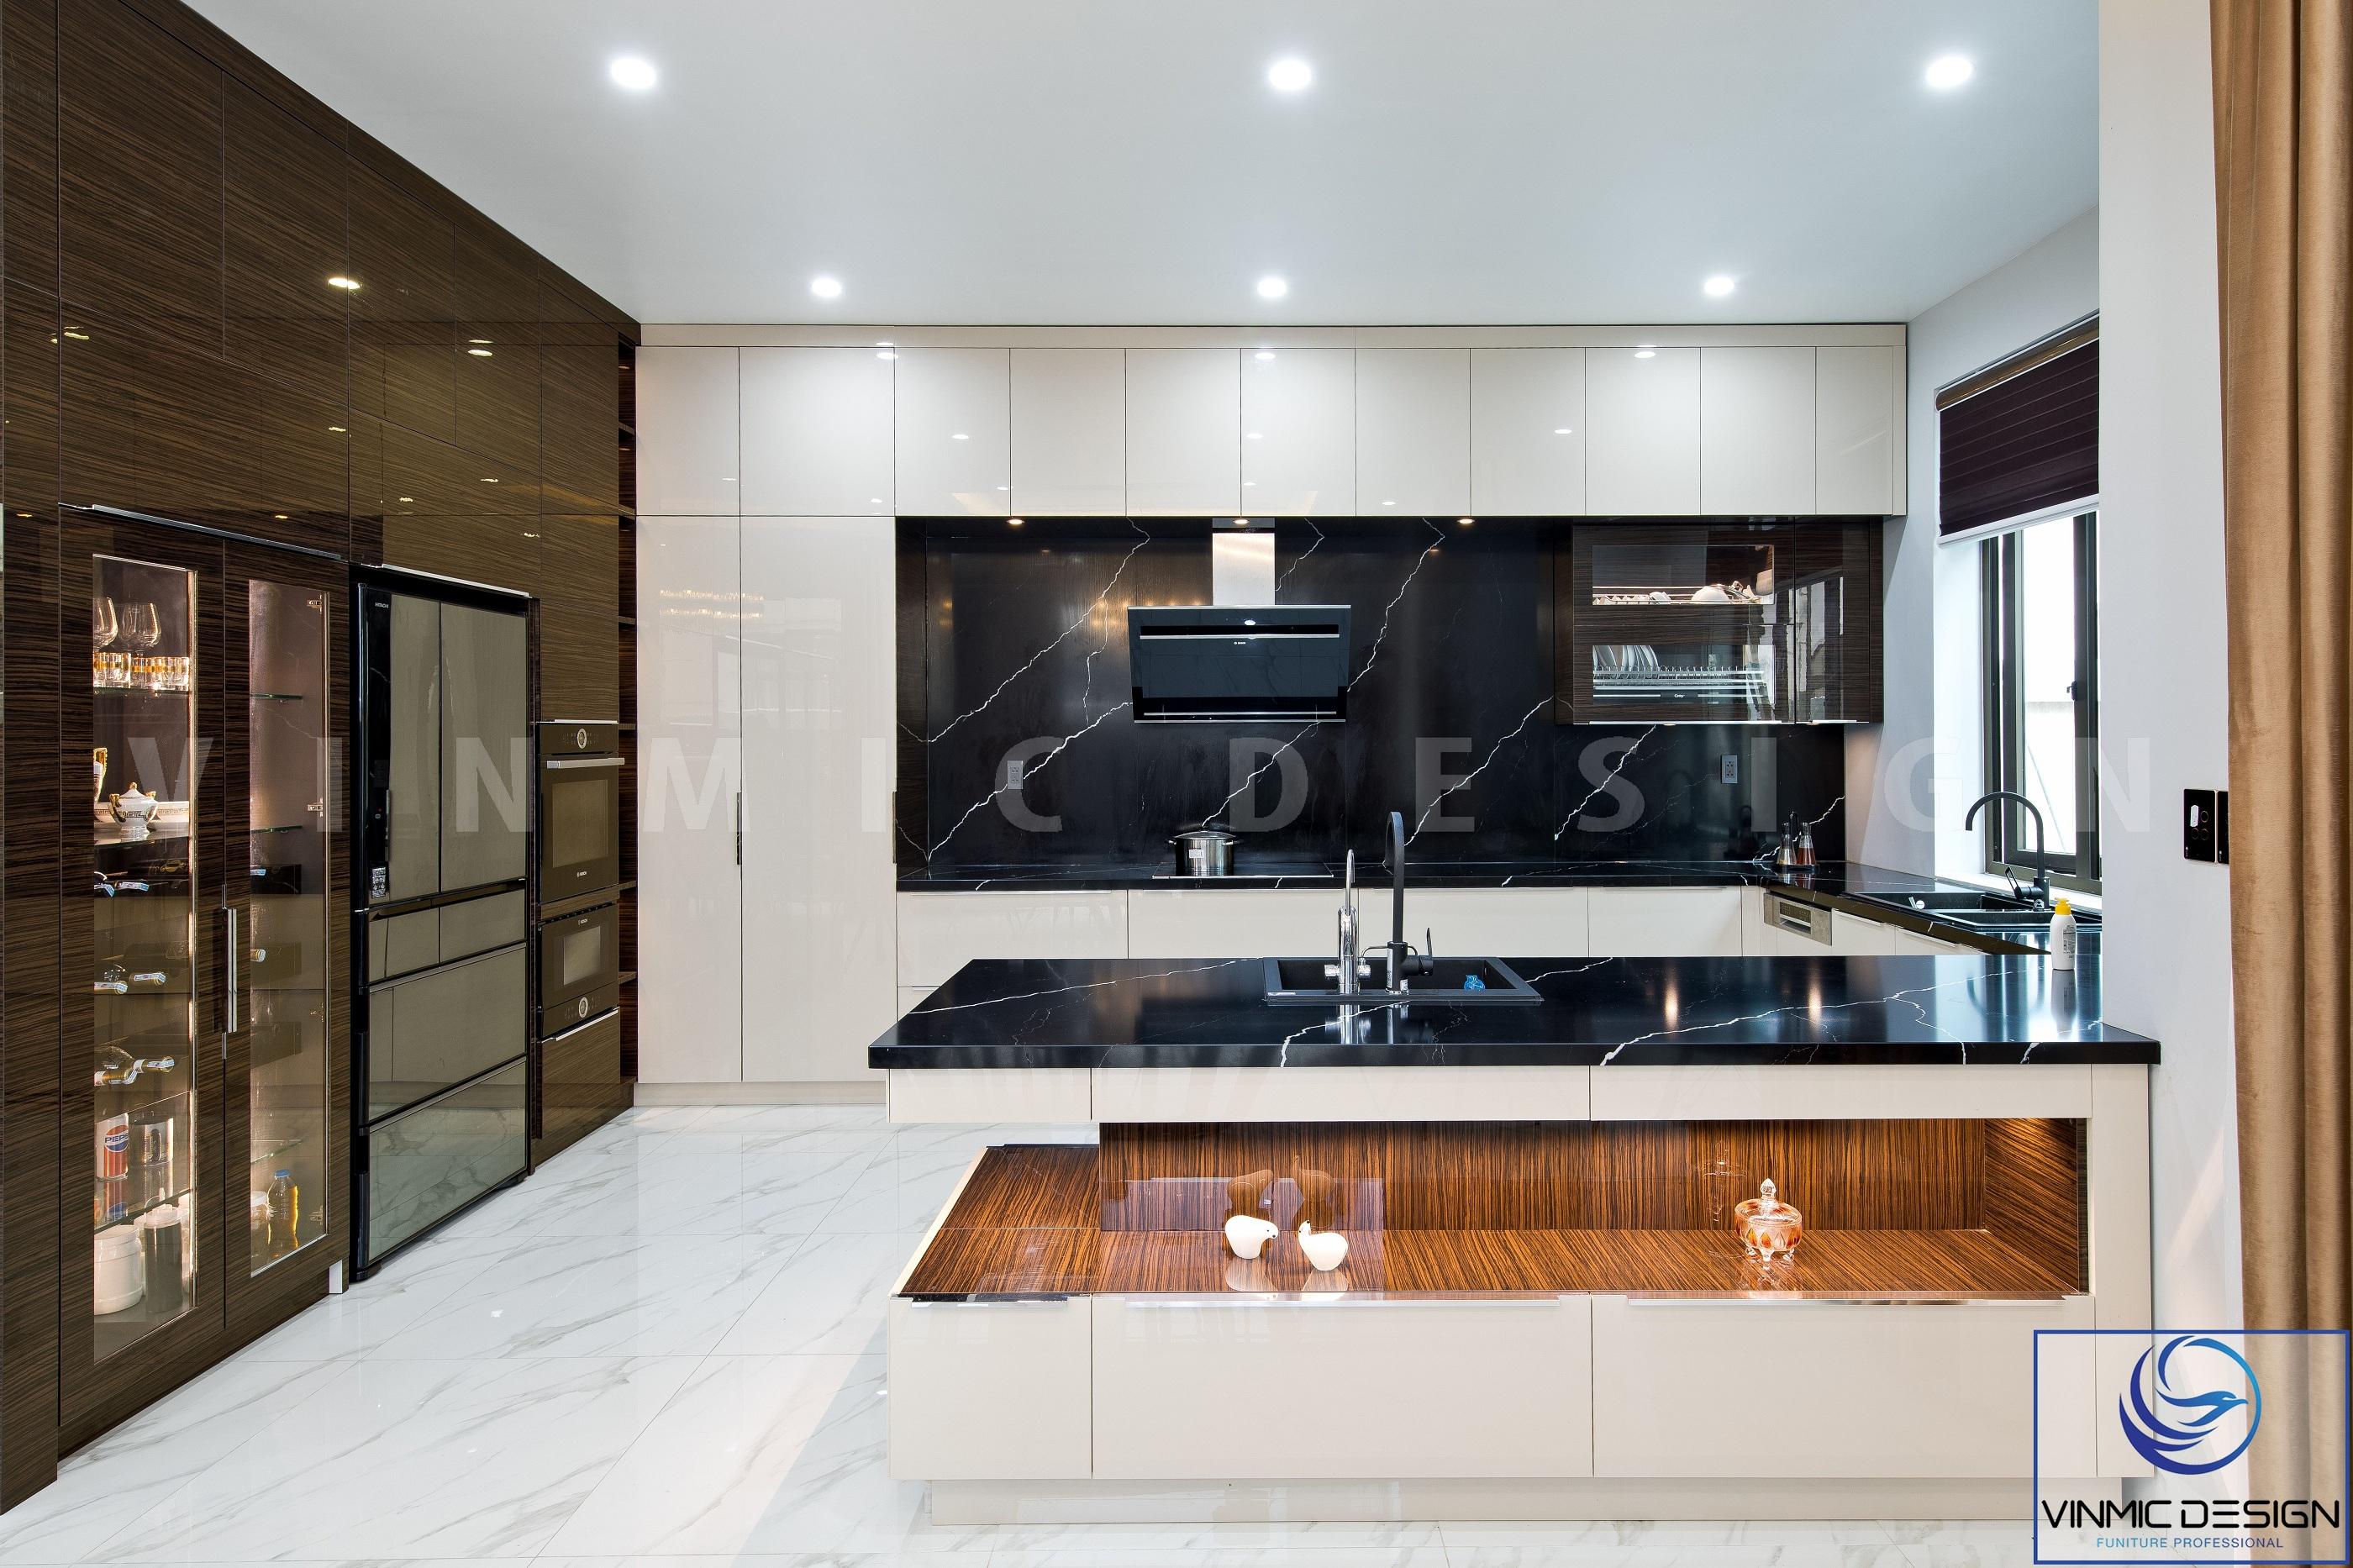 Không gian phòng bếp được thi công và bố trí gọn gàng, ngăn nắp